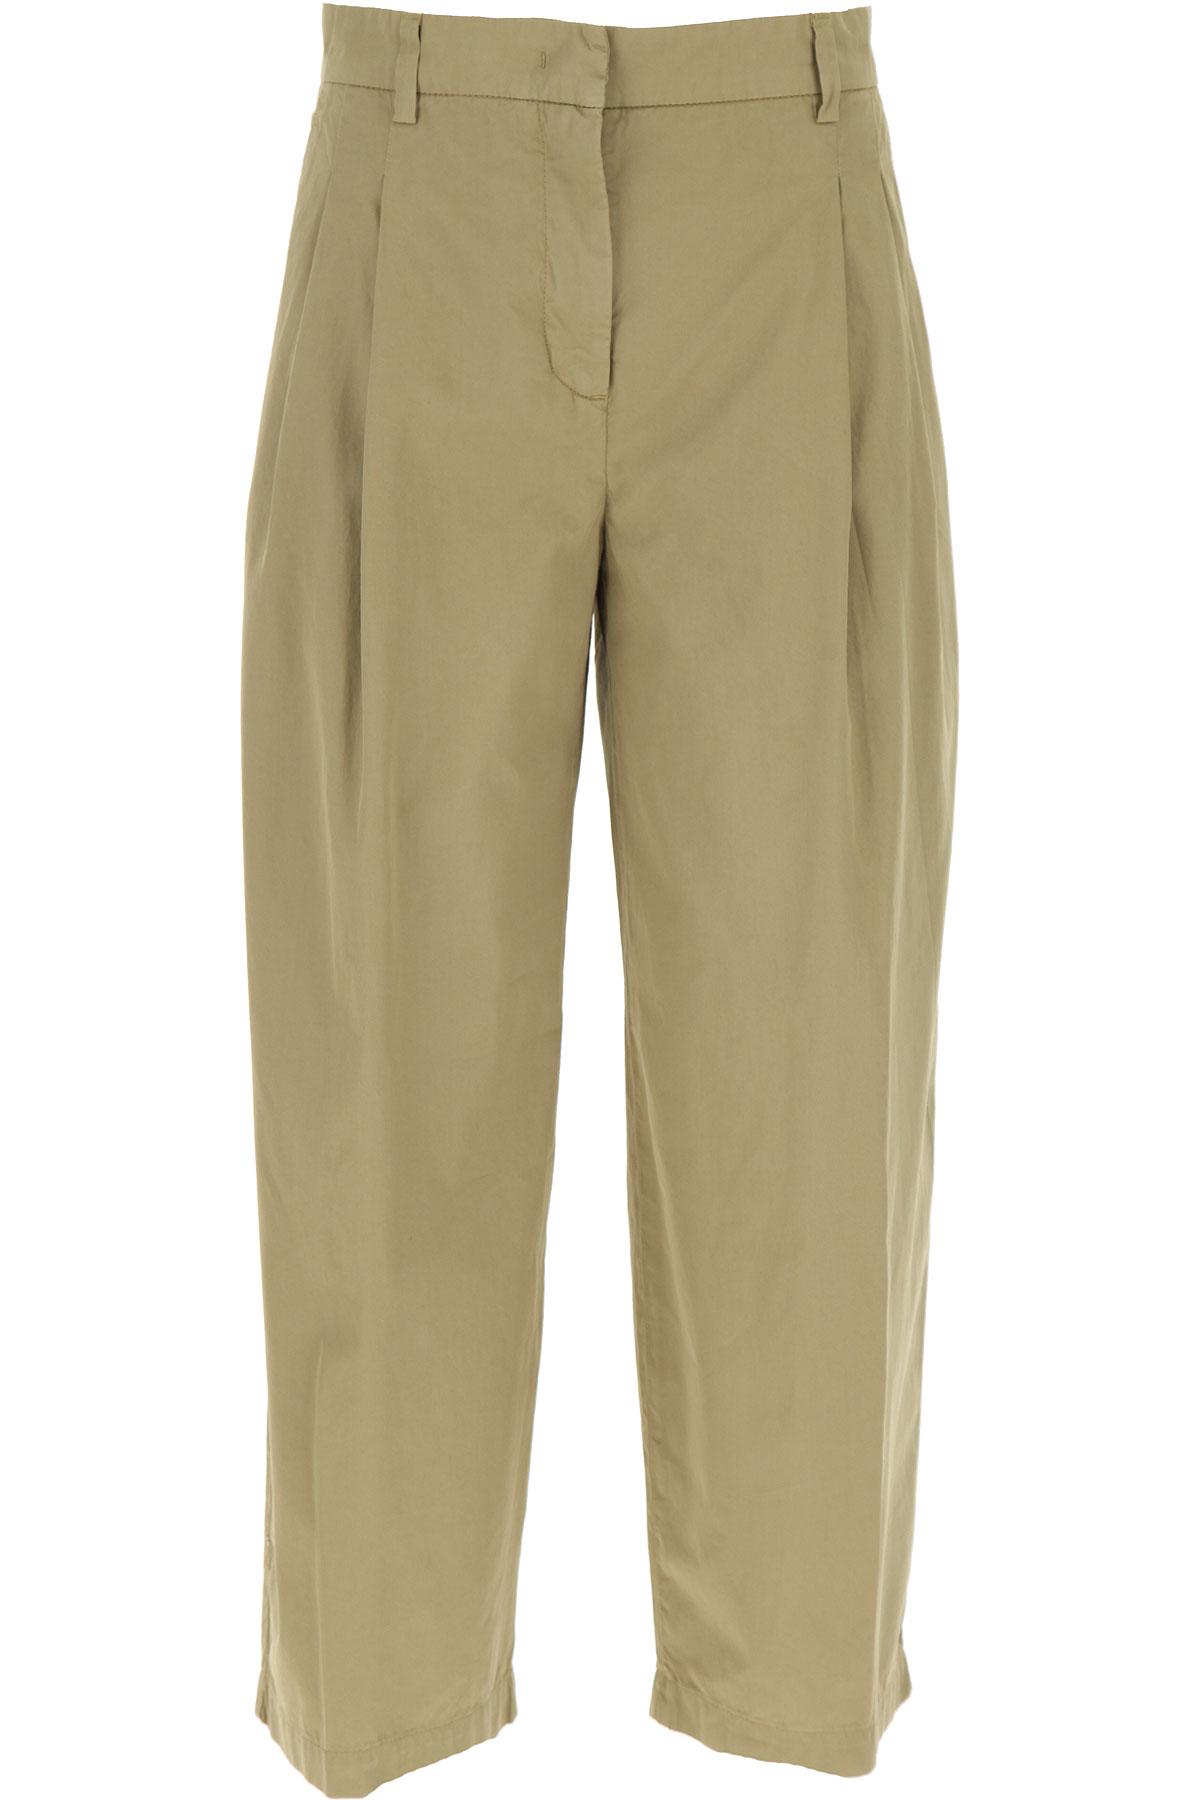 Aspesi Pants for Women On Sale, Beige, Cotton, 2019, 24 26 28